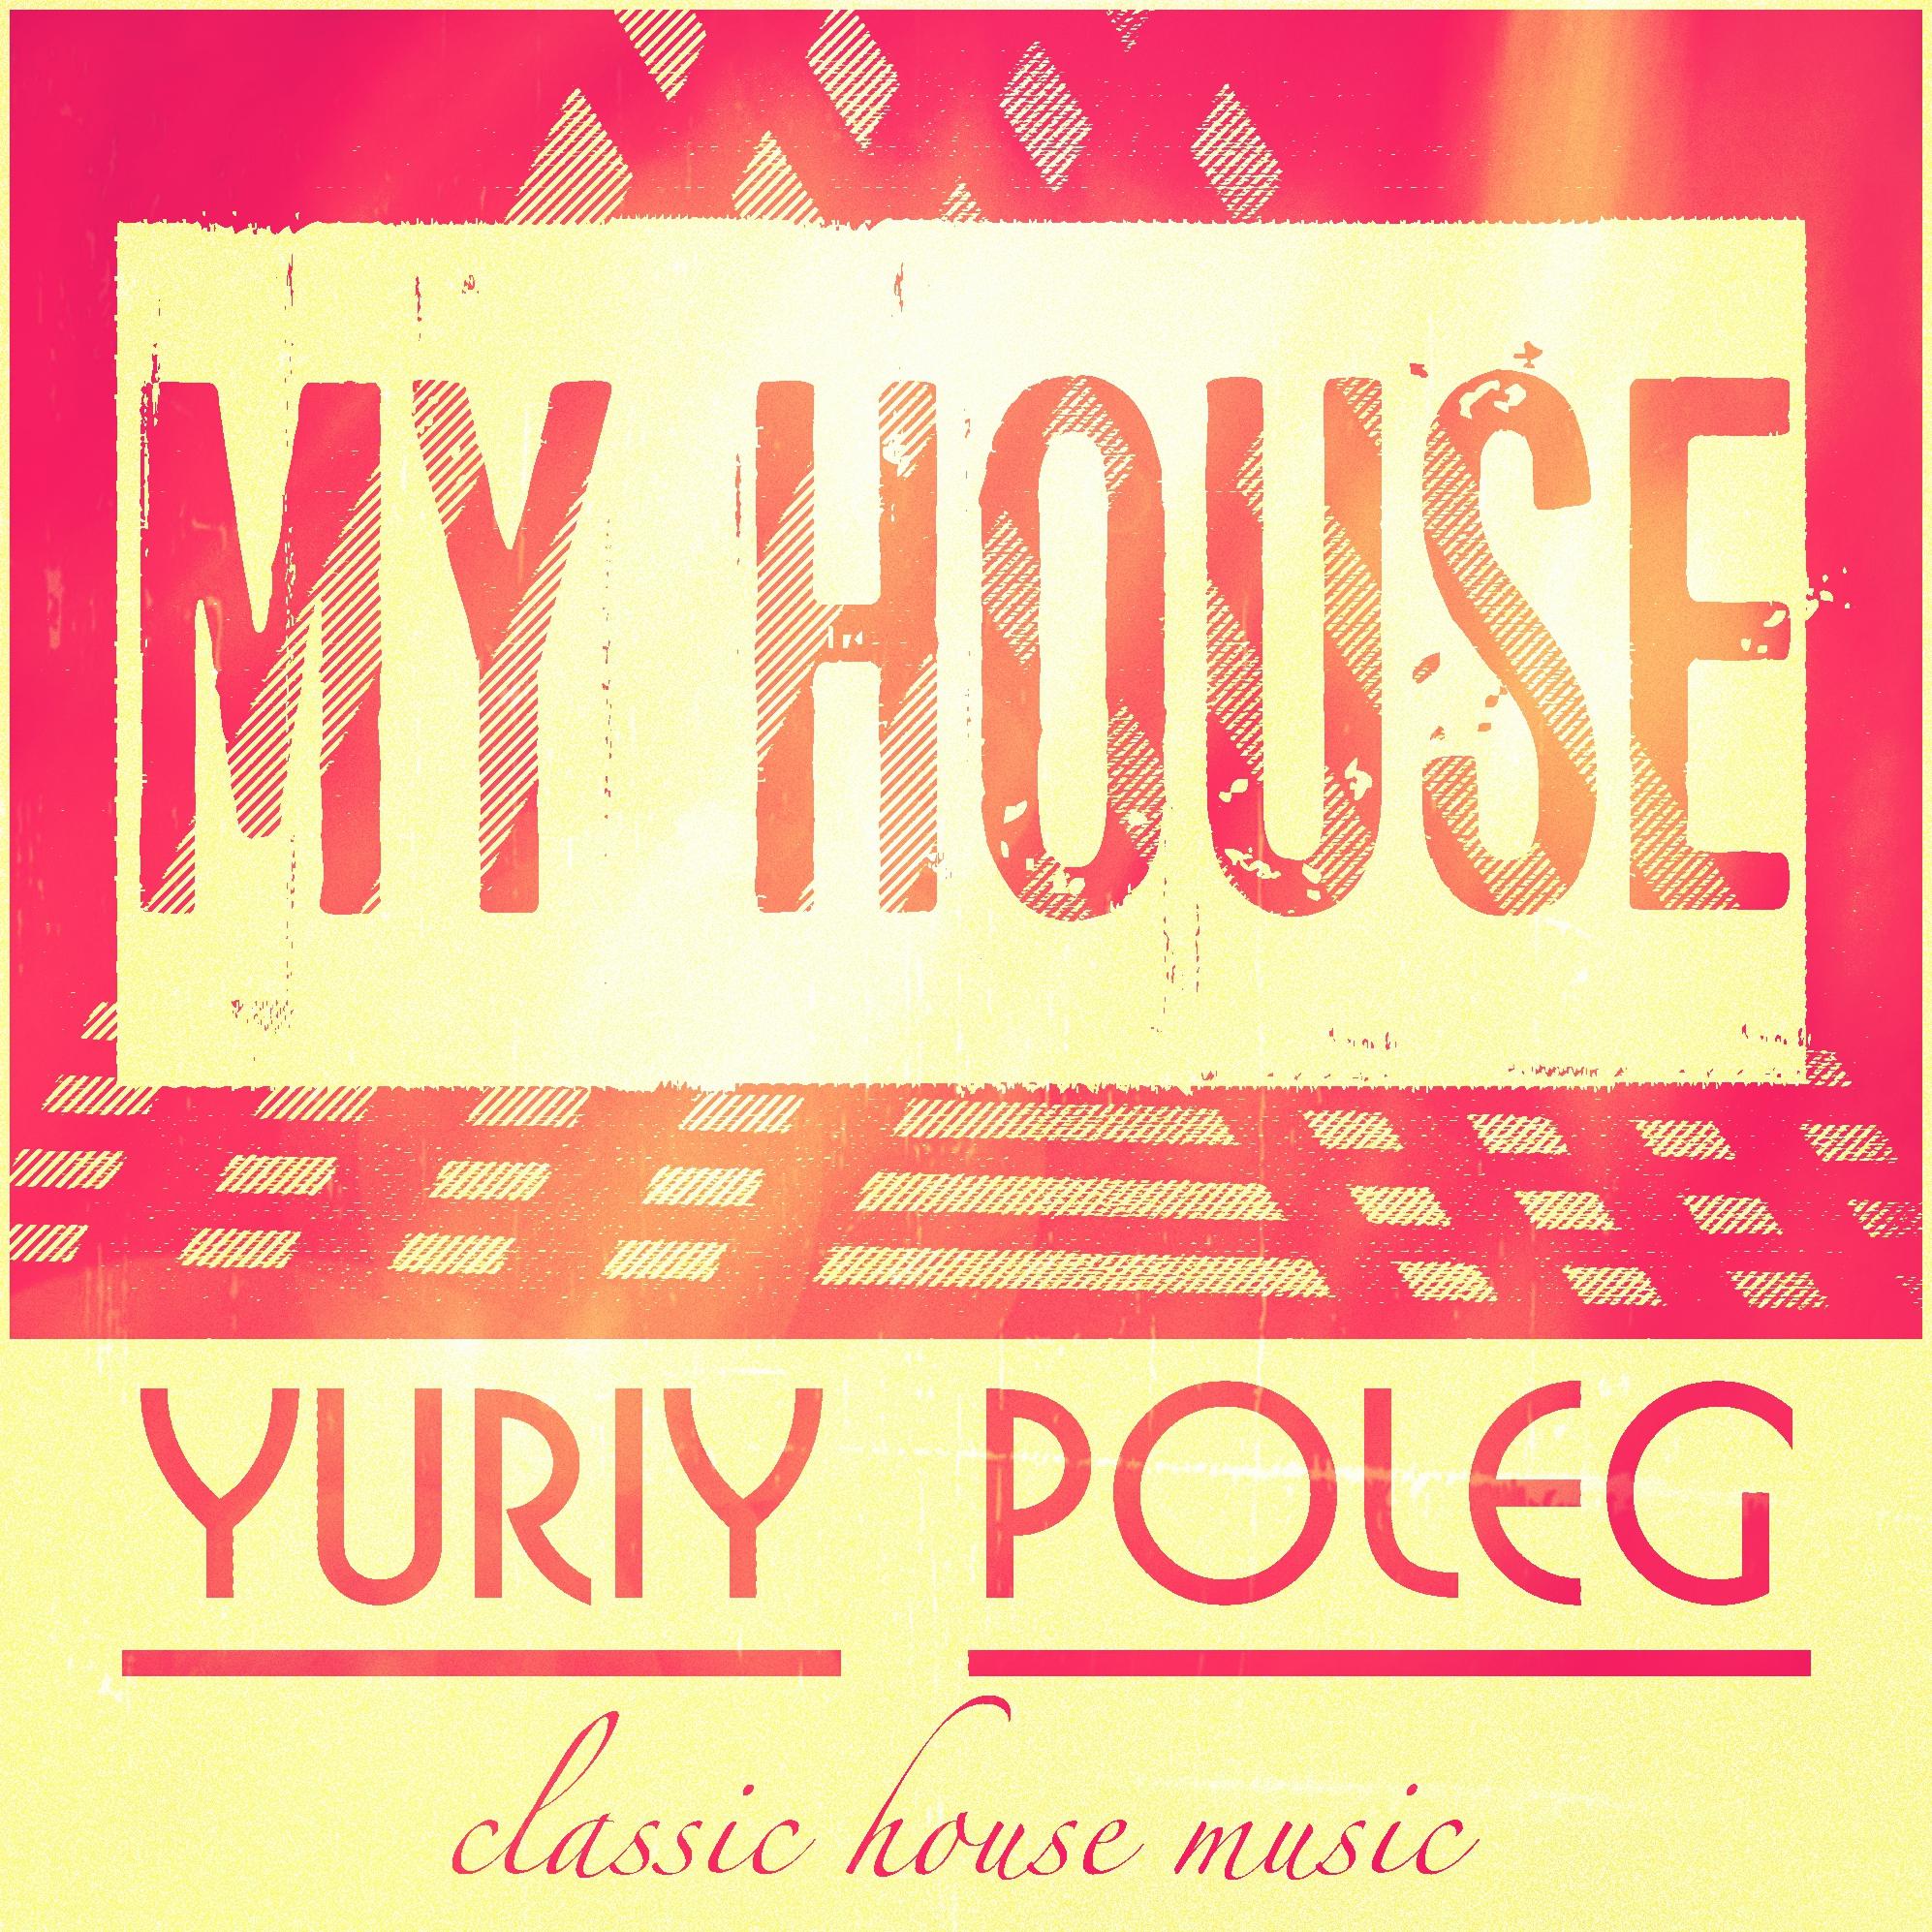 Yuriy Poleg - That What I Want (Original Mix)